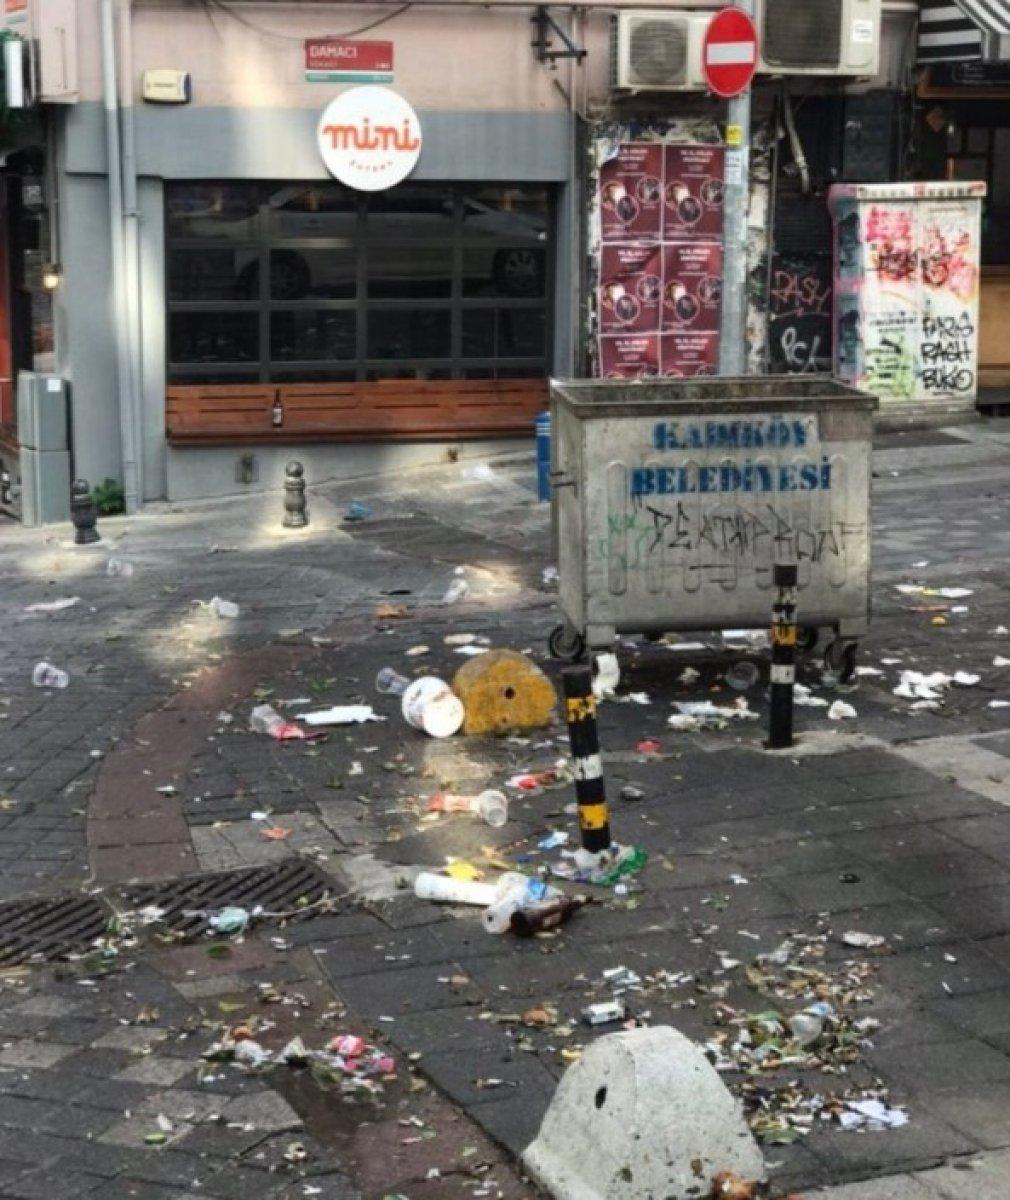 Kadıköy de gürültü kirliliğine karşı farkındalık çalışması  #7